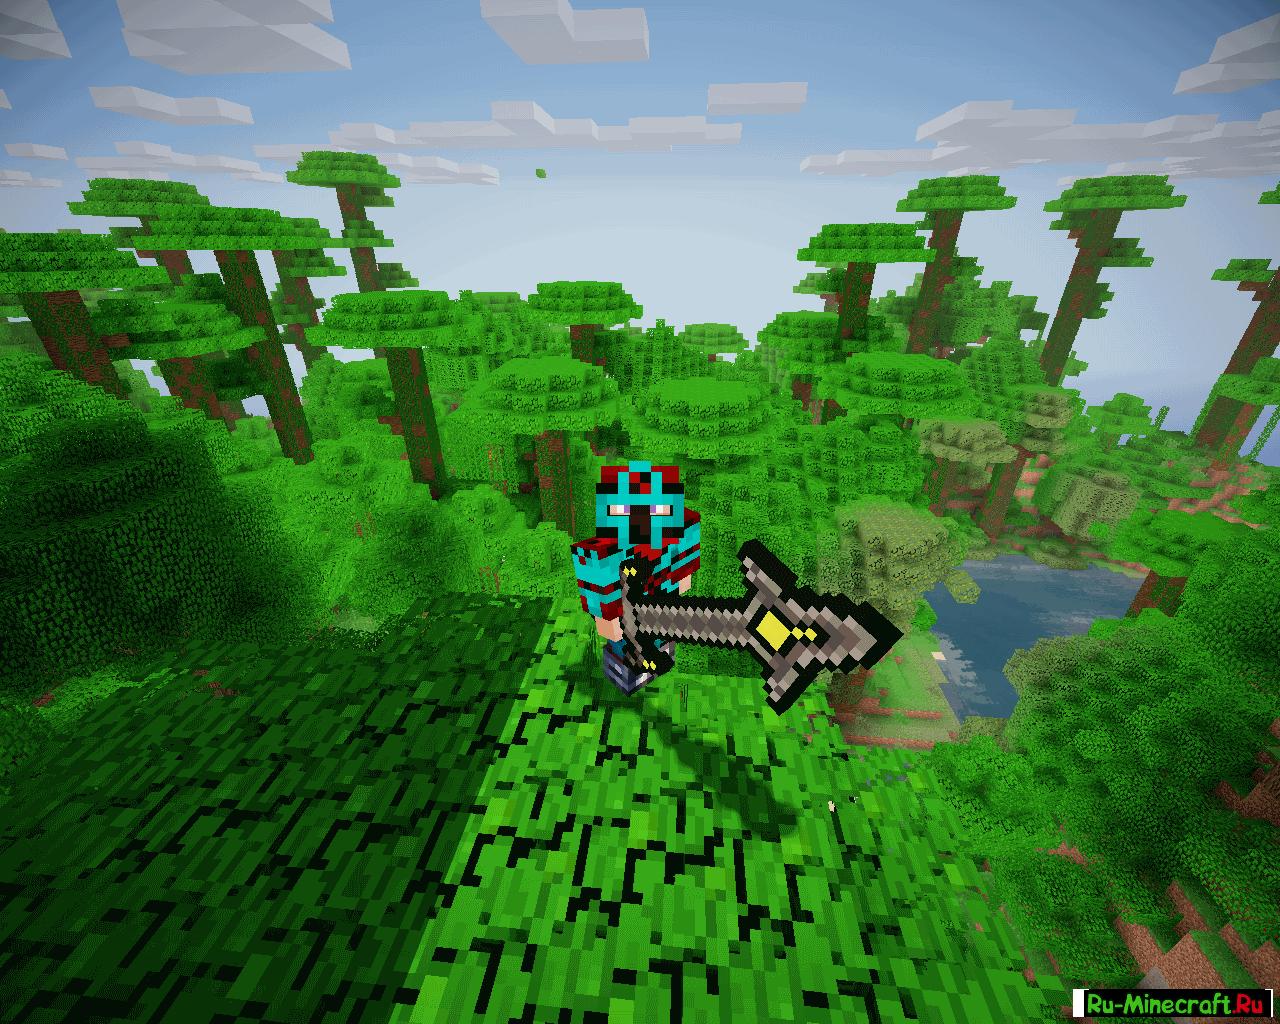 Скачать Divine RPG 1.7.10 для Minecraft + обзор мода